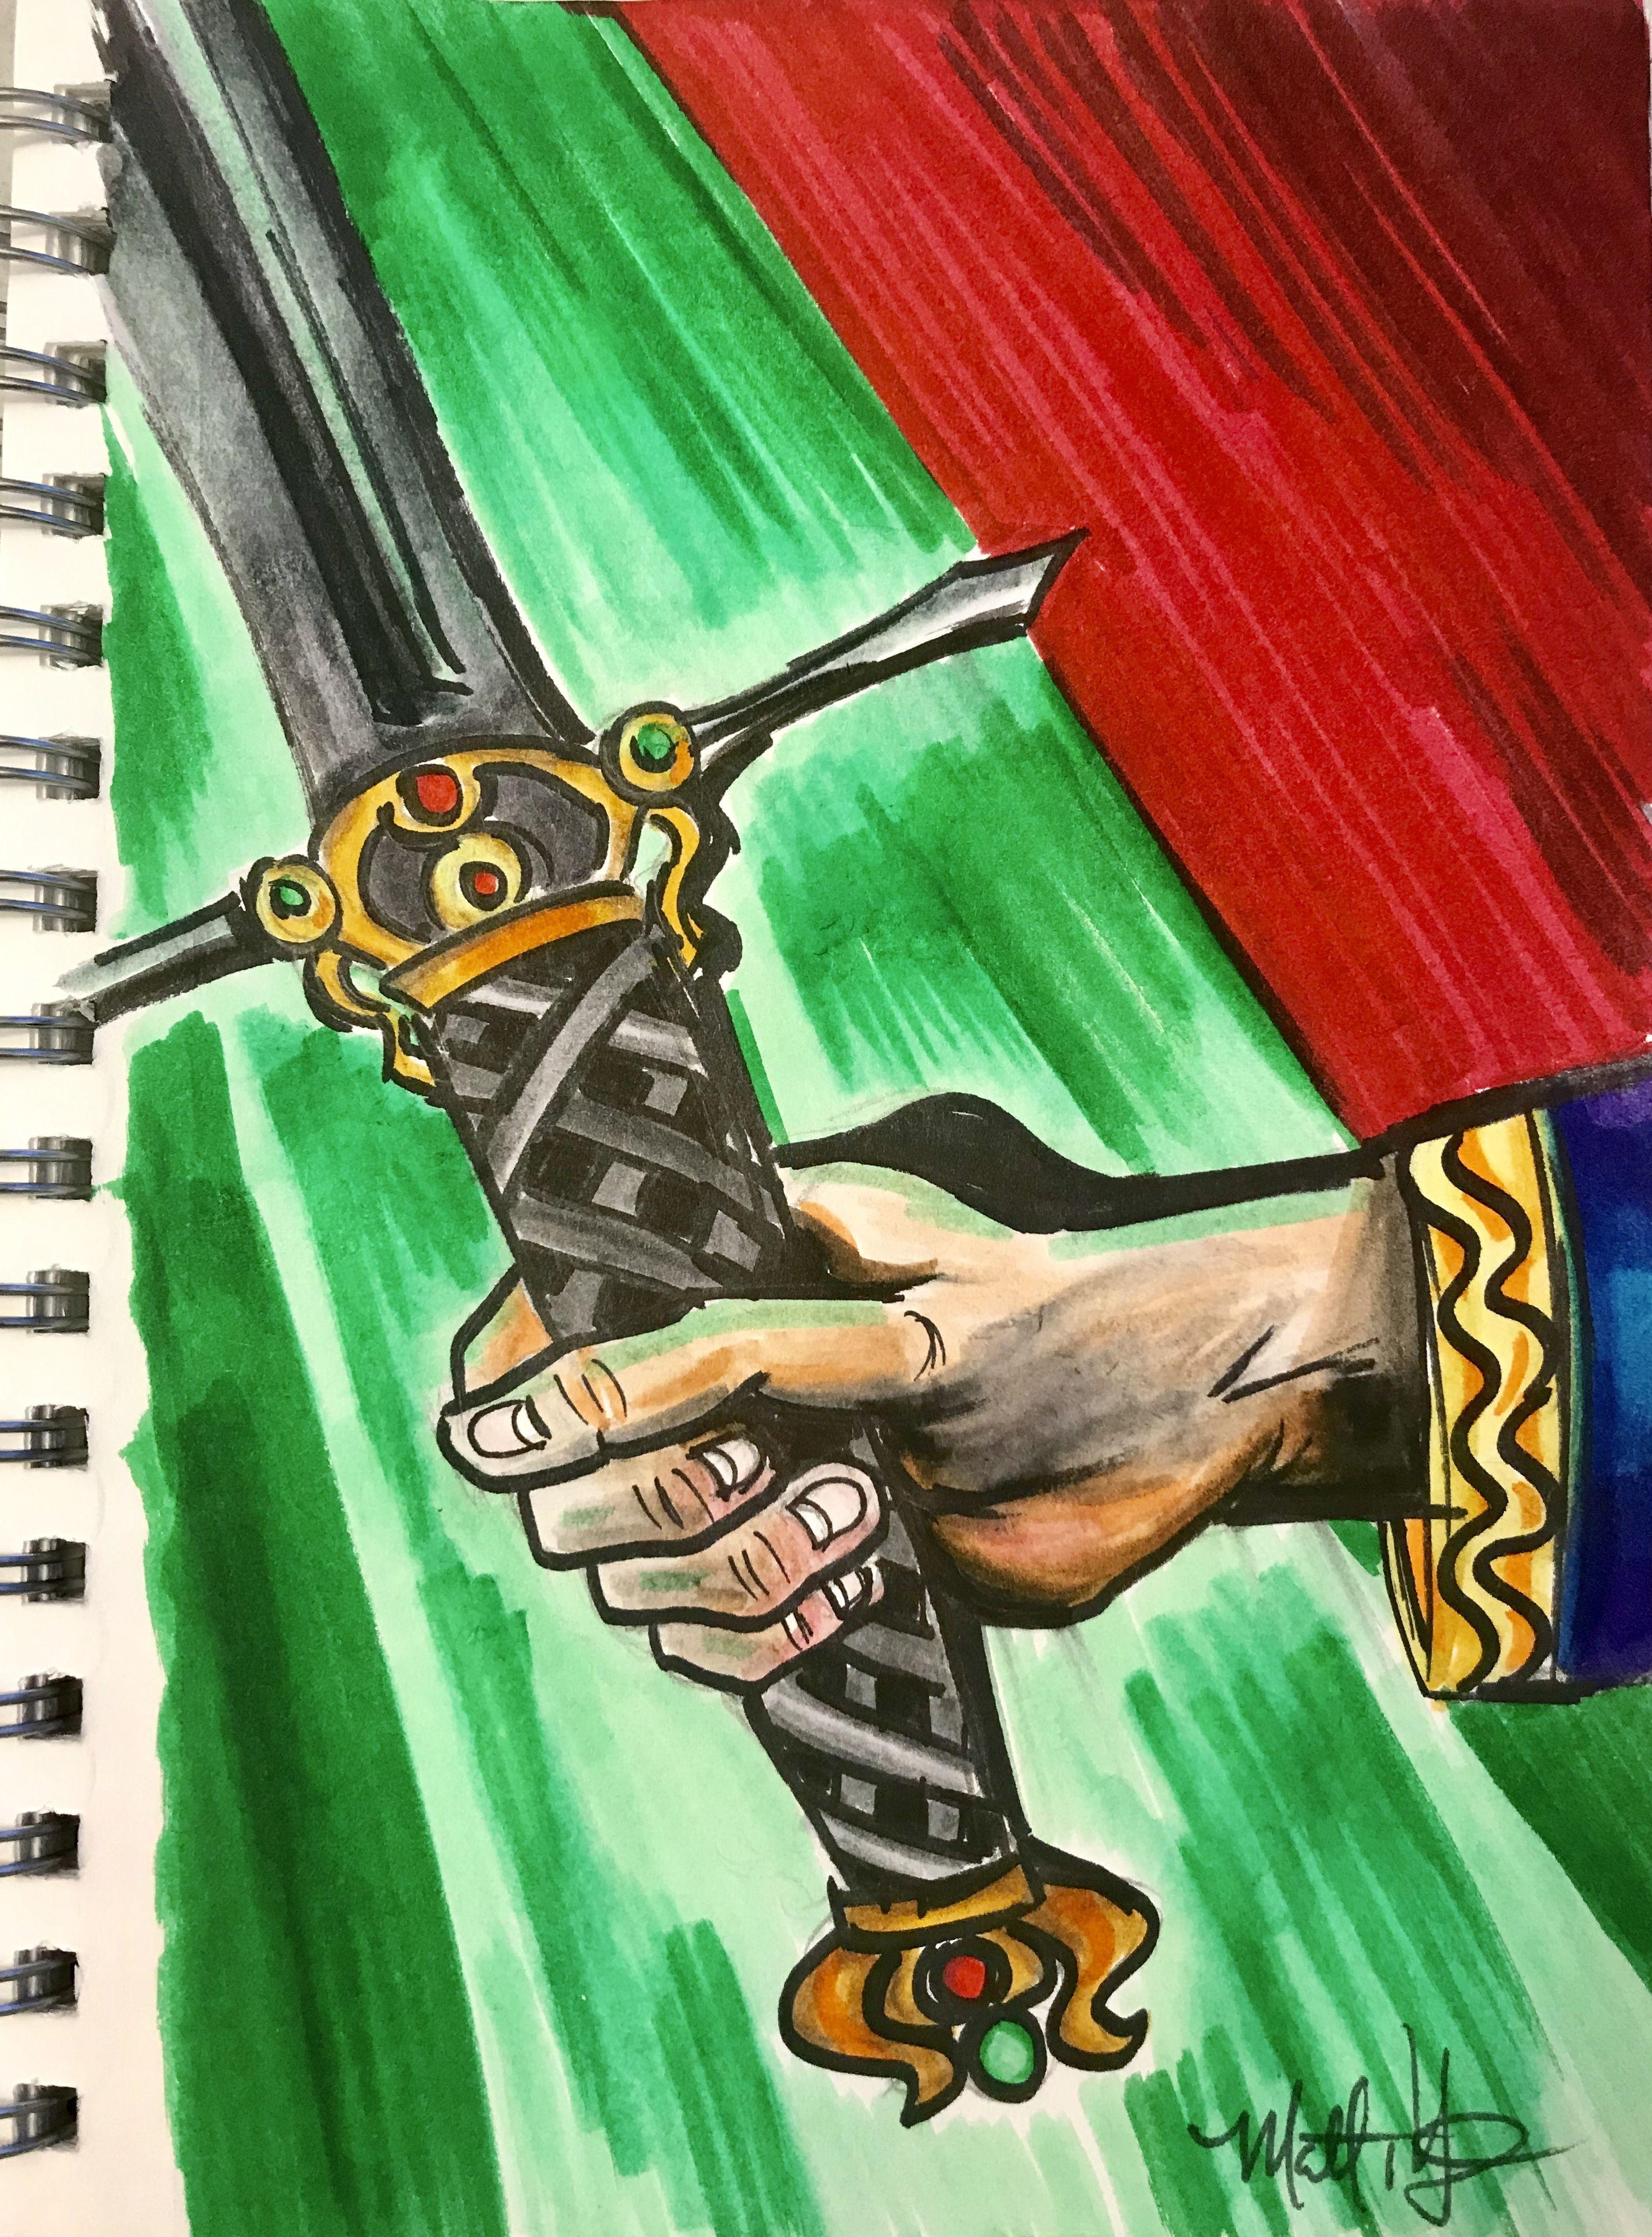 Enchanted sword web design gallery medium art sketch pad